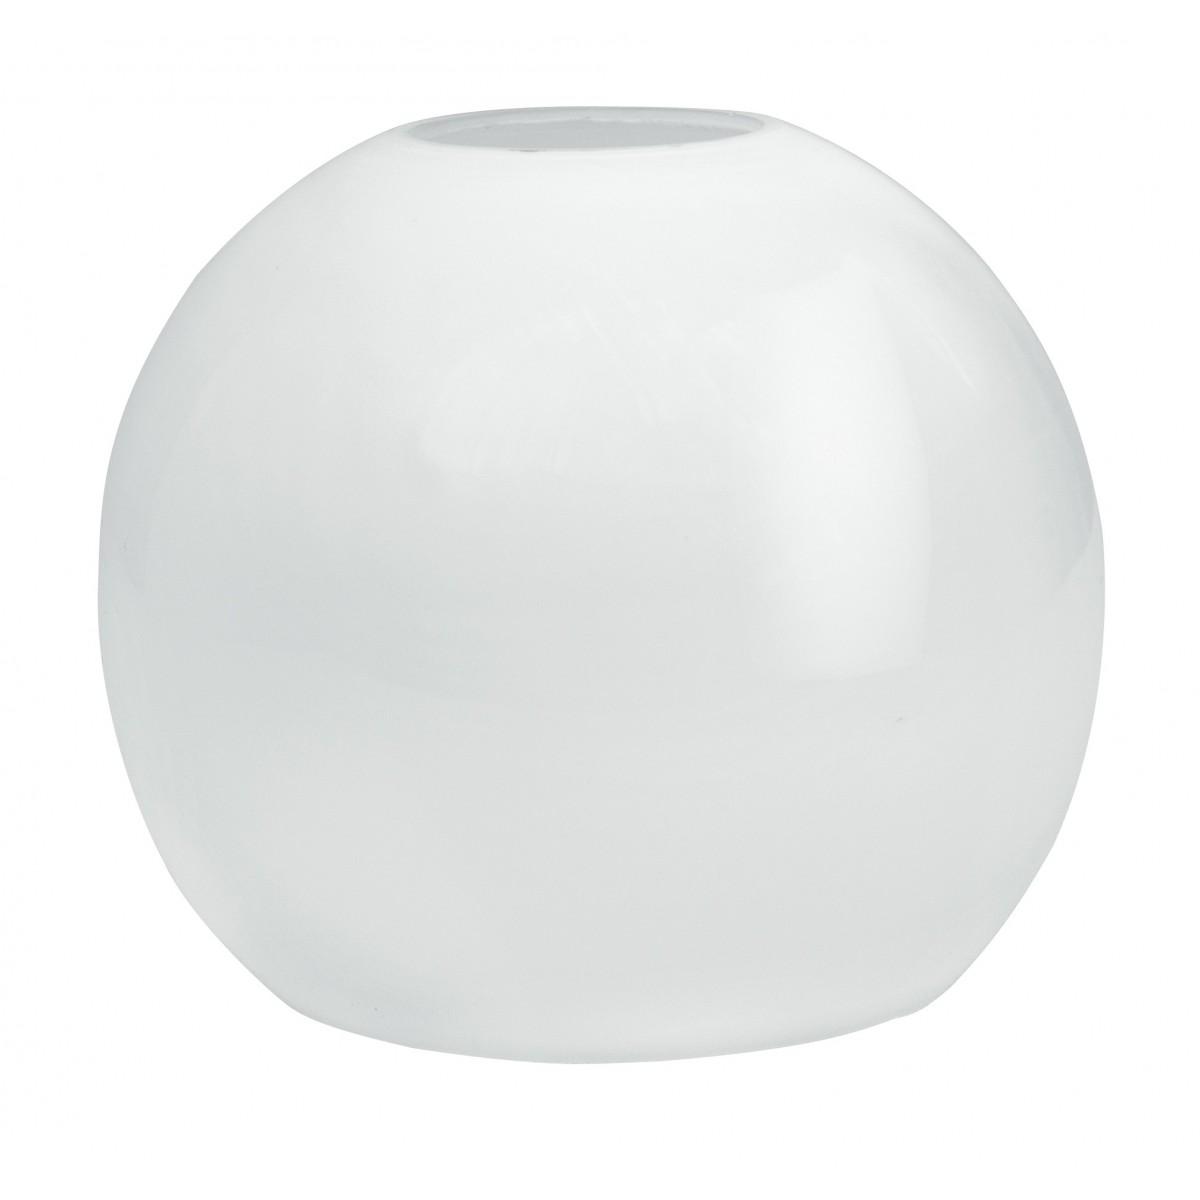 Abat-jour rond en verre blanc opale F42